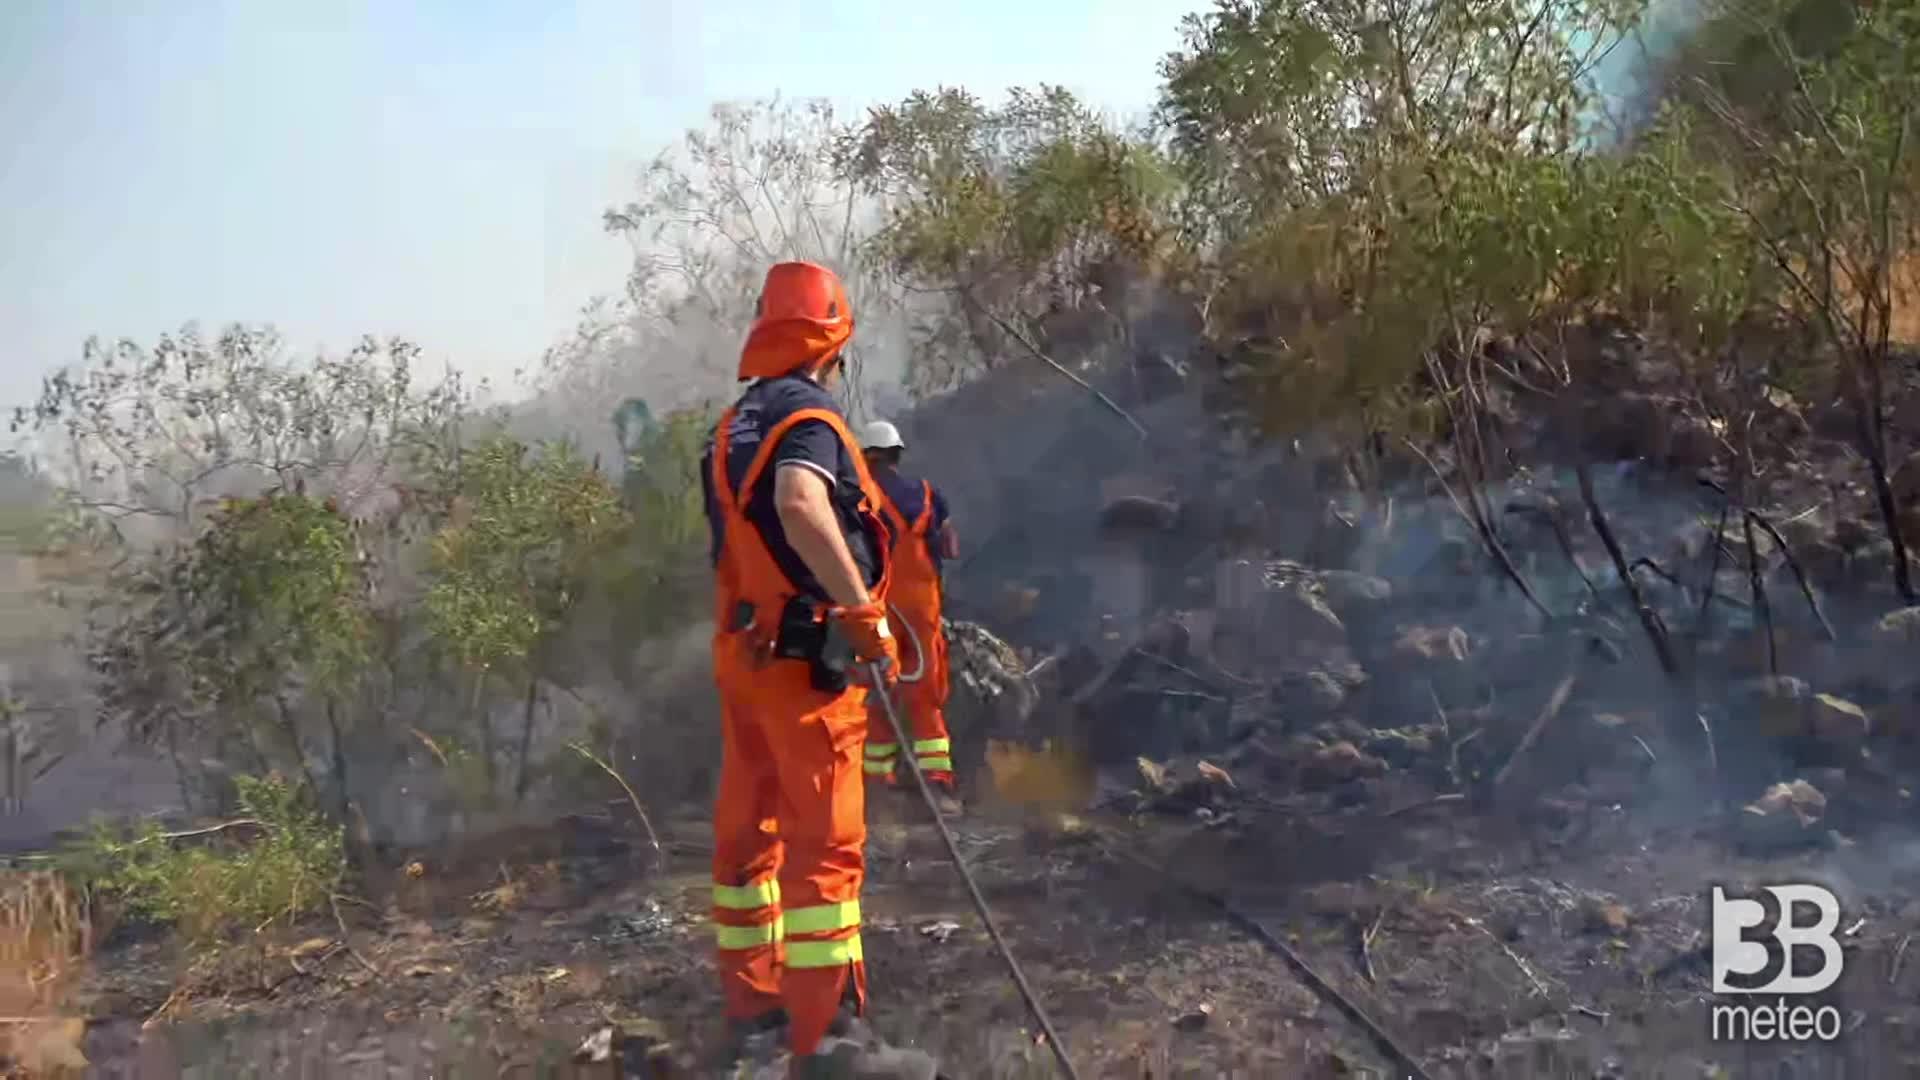 CRONACA - Nuovo incendio nel Catanese: Scordia, vvff spengono rogo - VIDEO